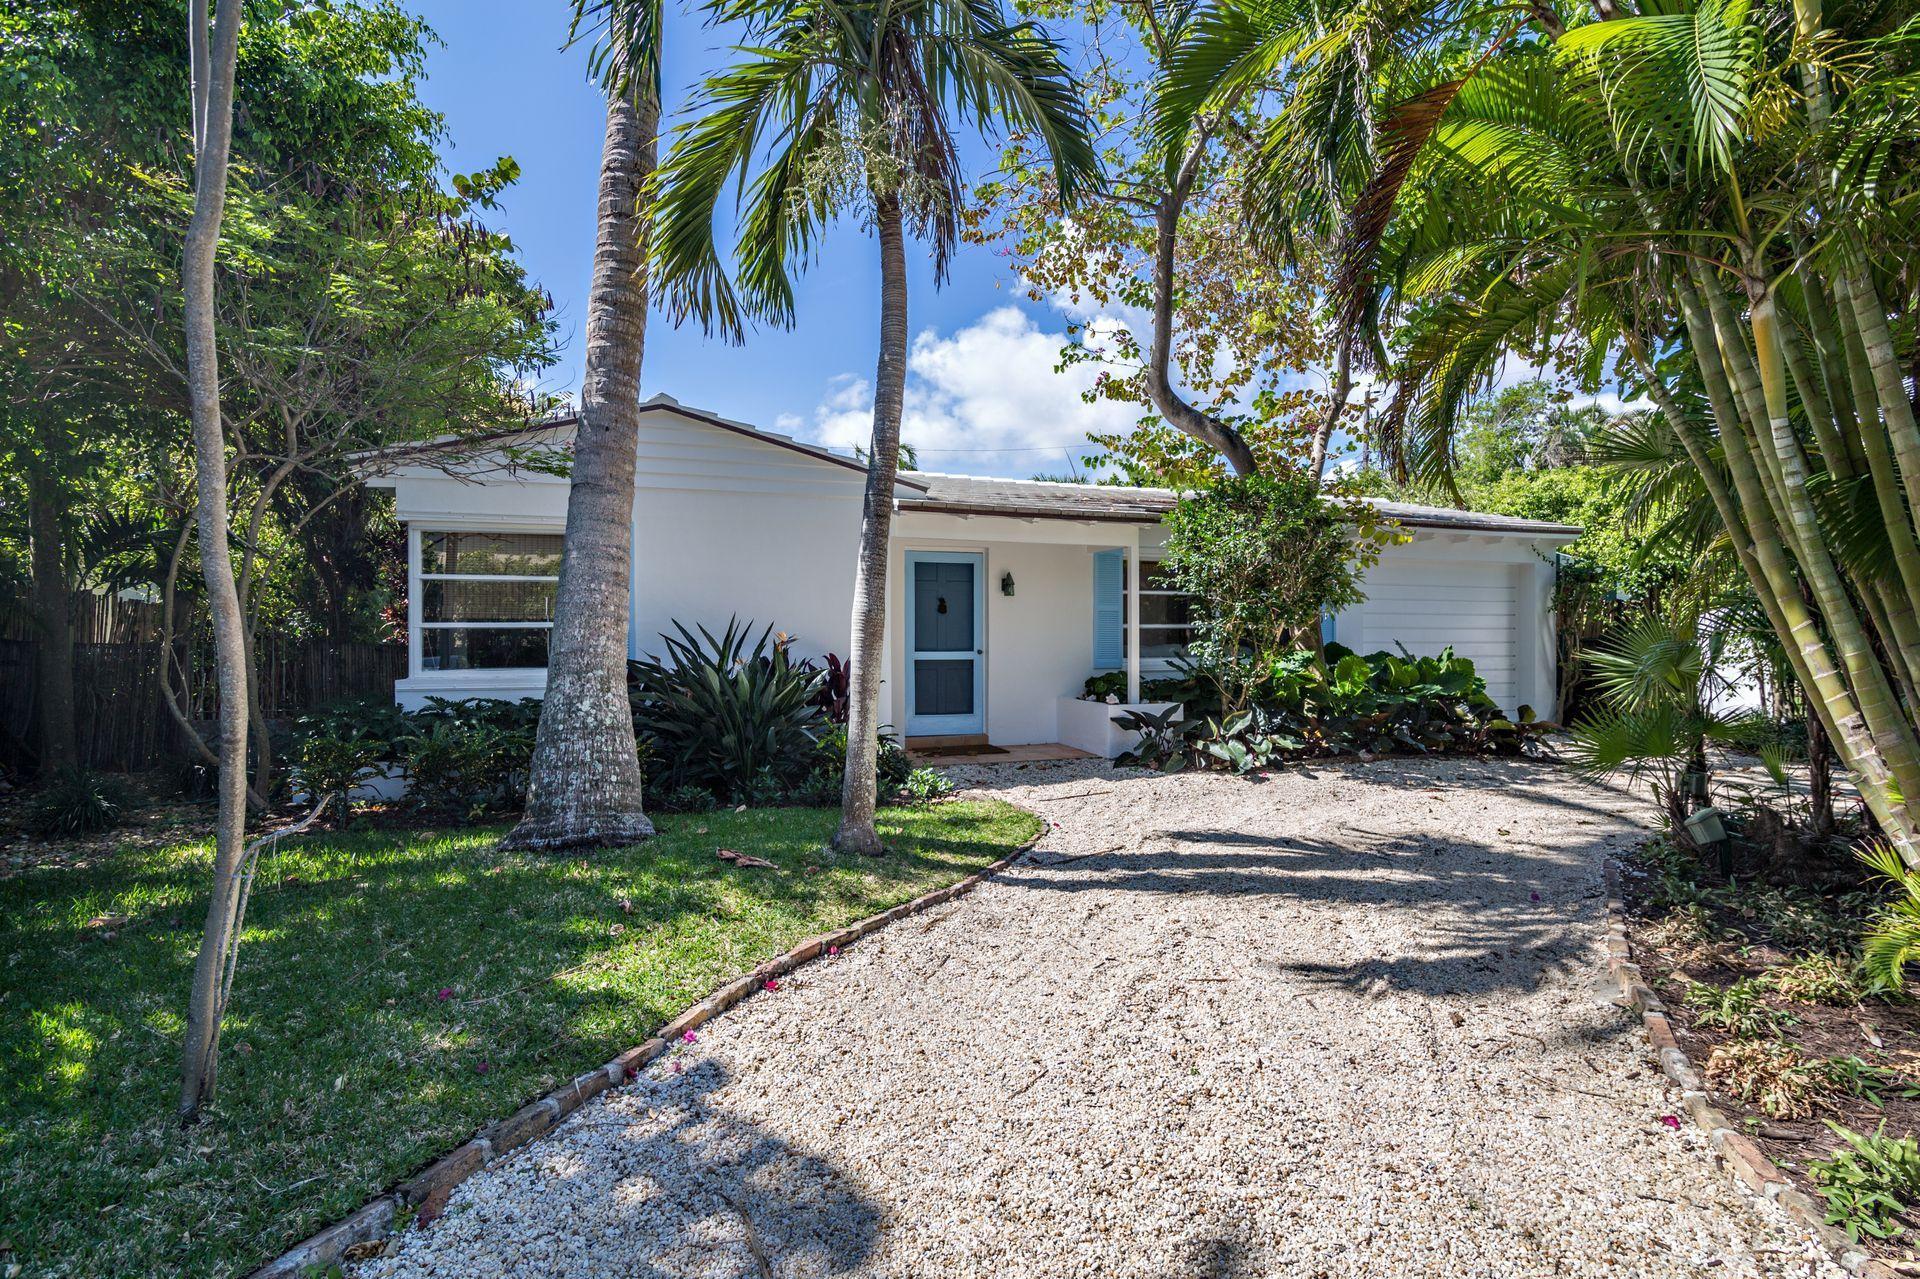 210 Debra Lane - Palm Beach, Florida